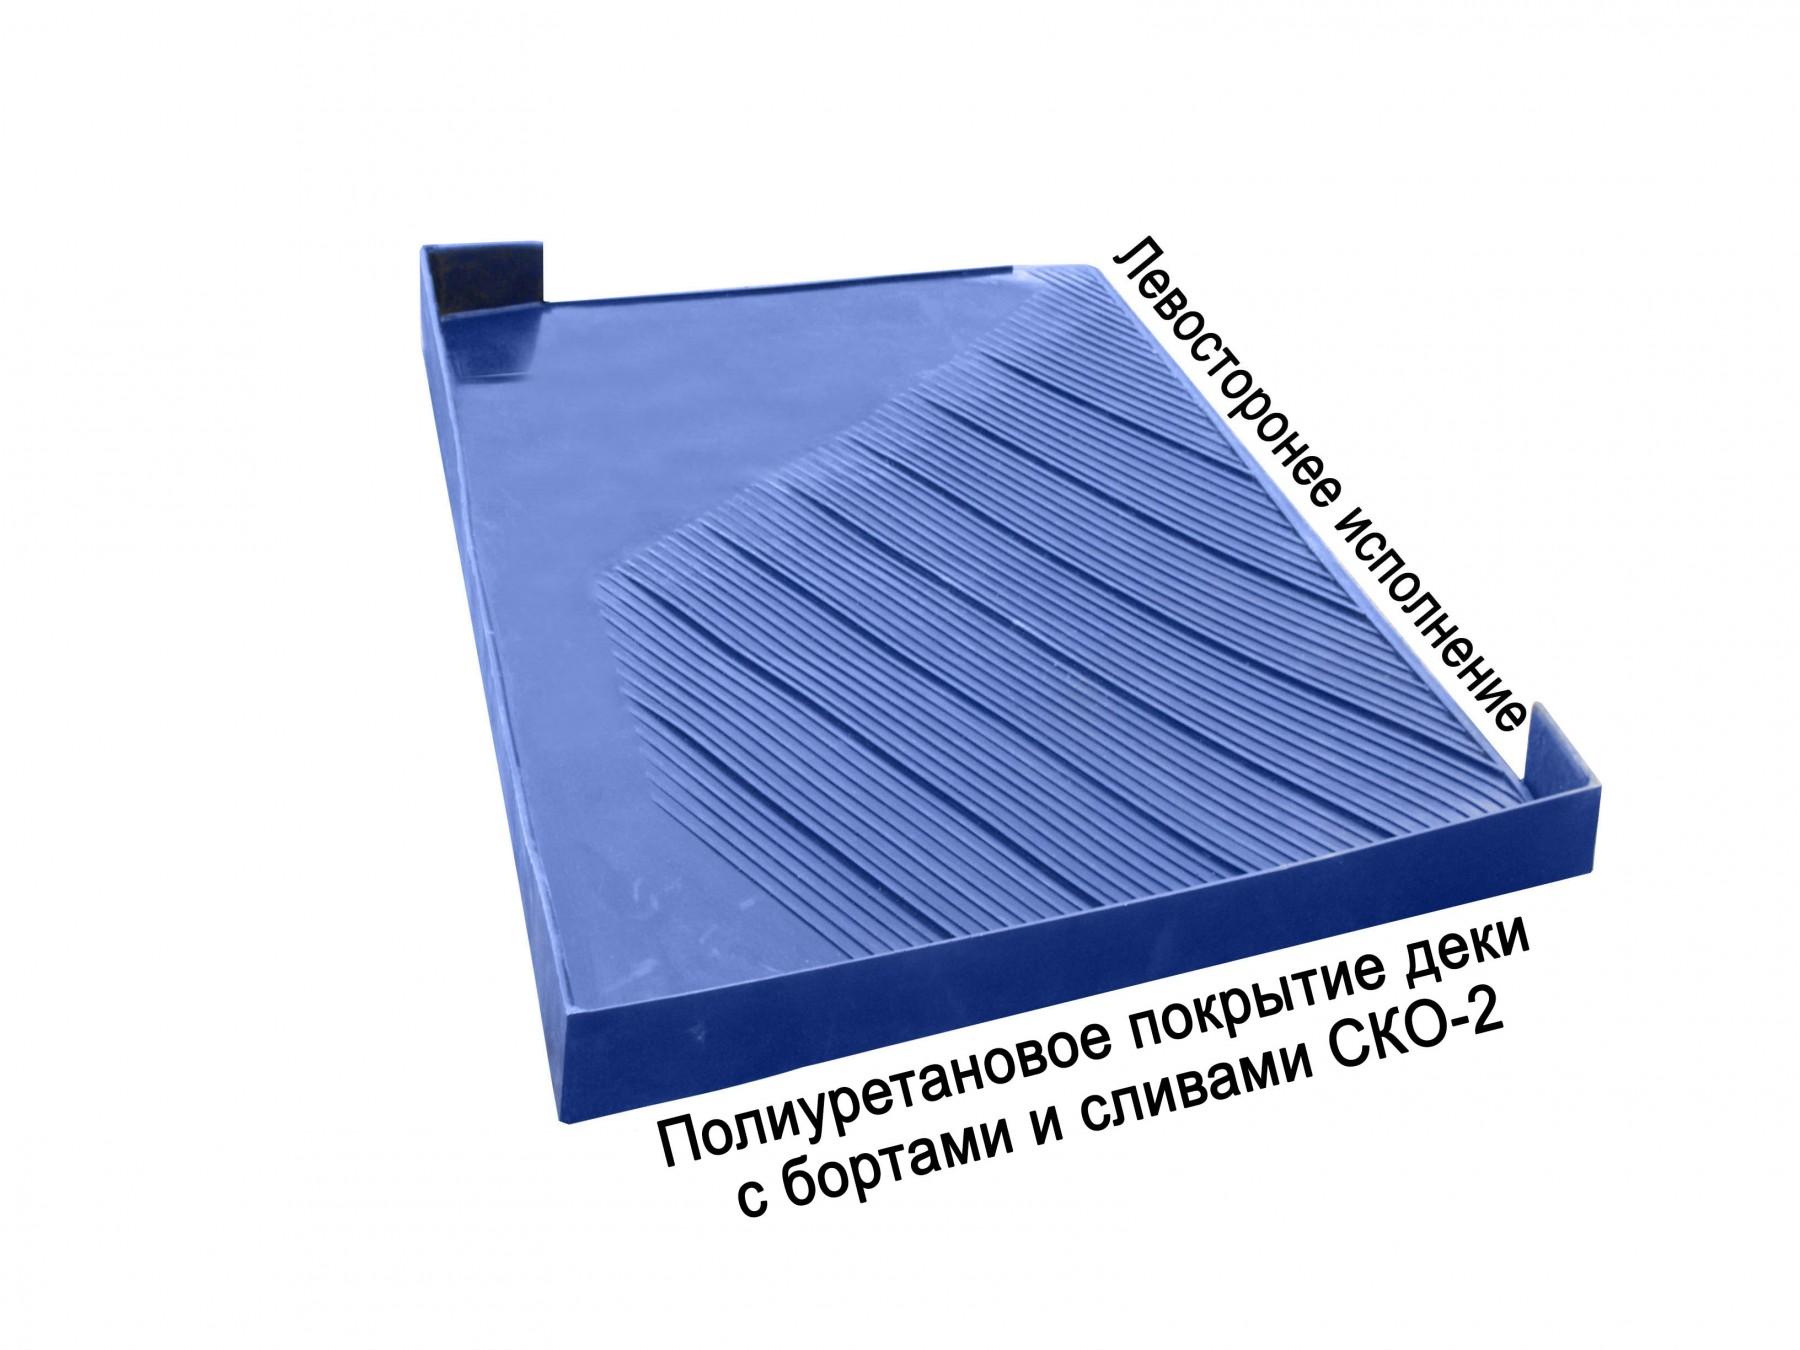 покрытие полиуретановое деки СКО-2